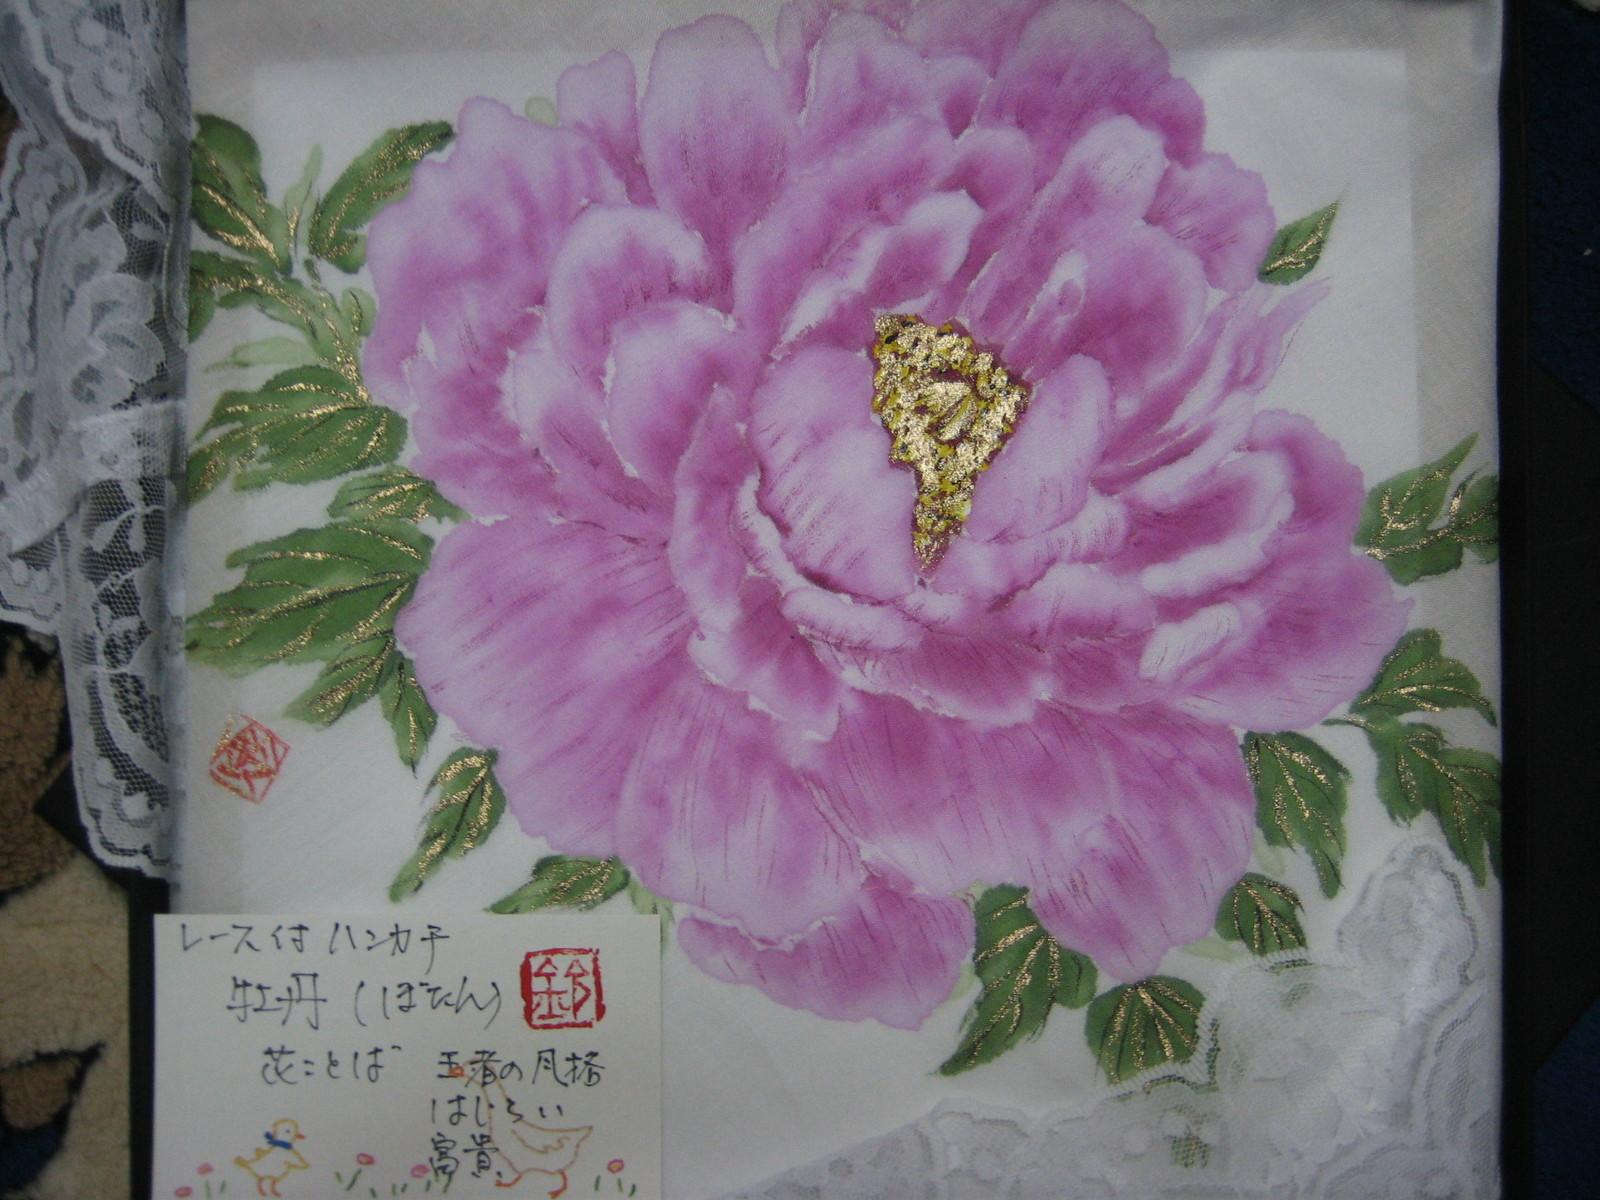 牡丹の花のひざかけハンカチ